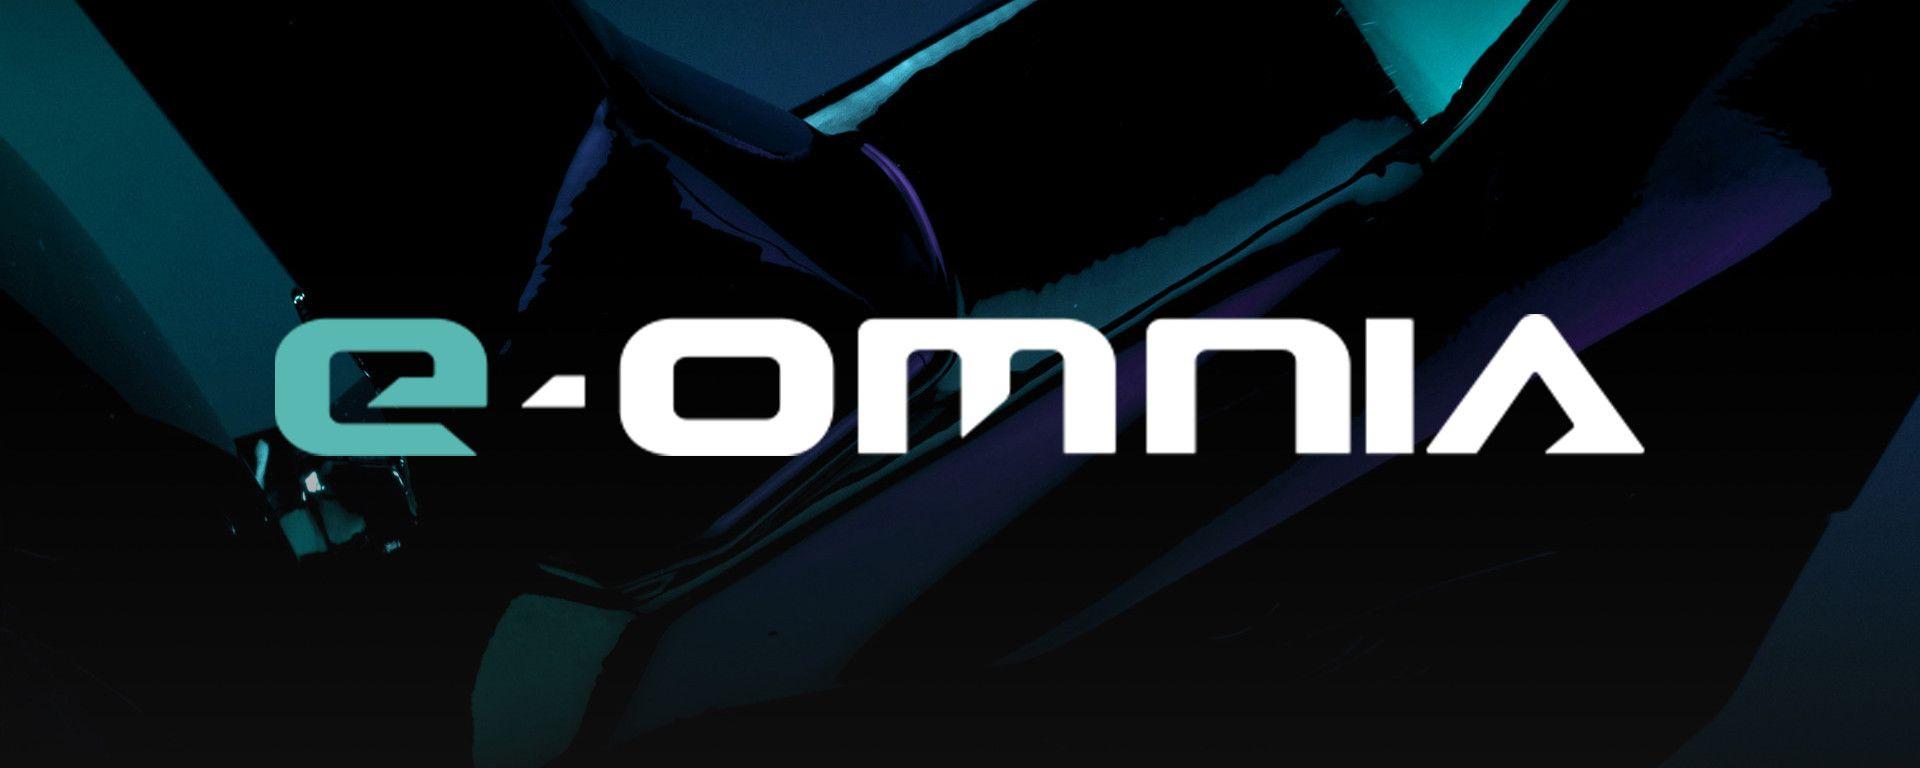 e-Omnia, diretta streaming per la nuova e-bike di Bianchi